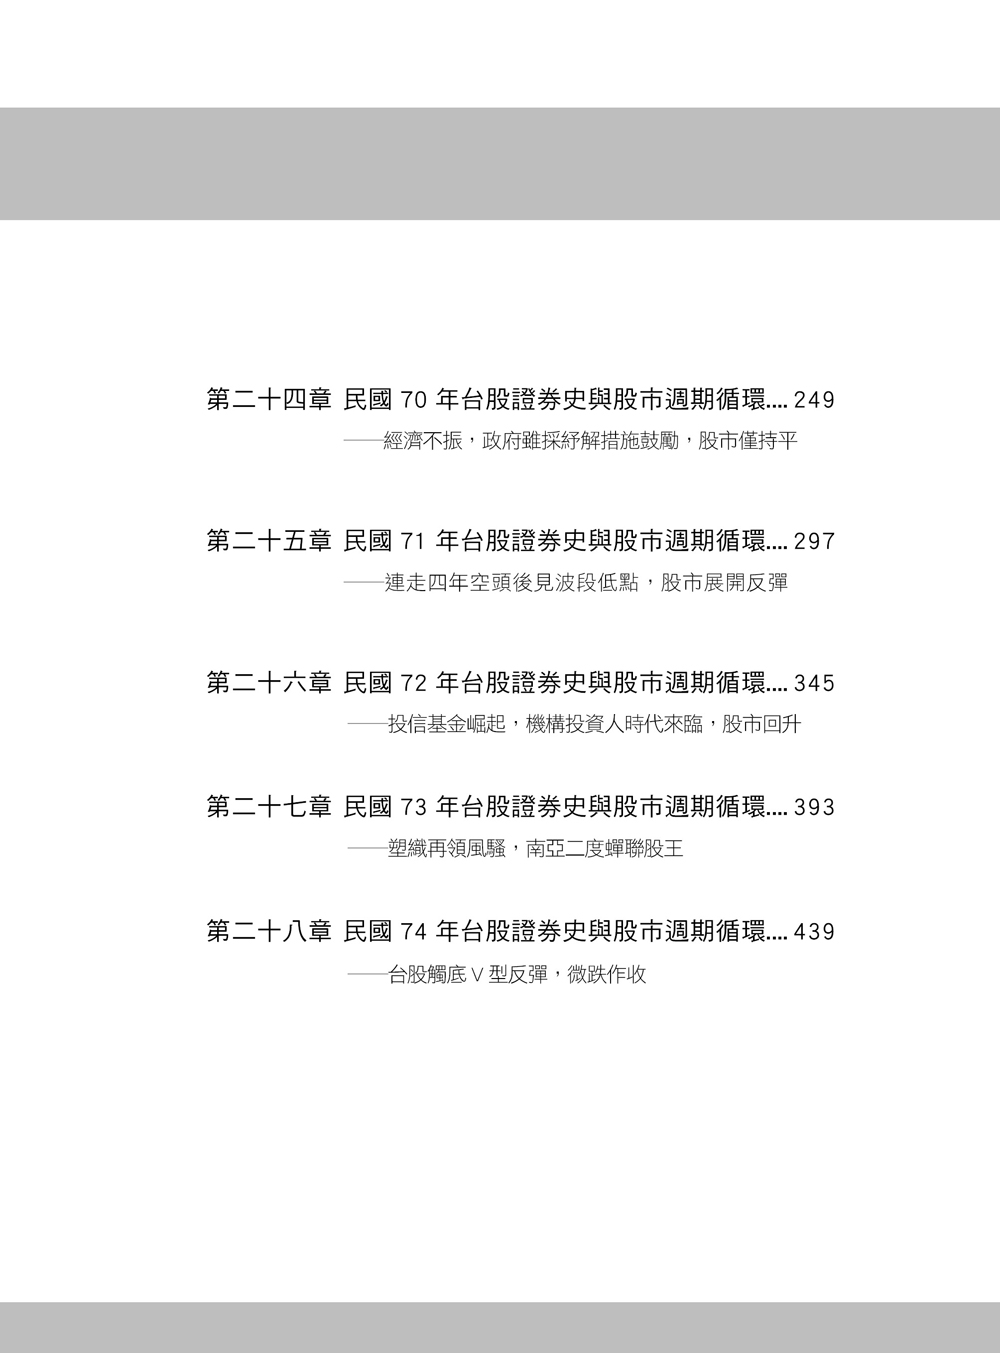 http://im1.book.com.tw/image/getImage?i=http://www.books.com.tw/img/001/076/28/0010762875_bi_02.jpg&v=599ad2b8&w=655&h=609